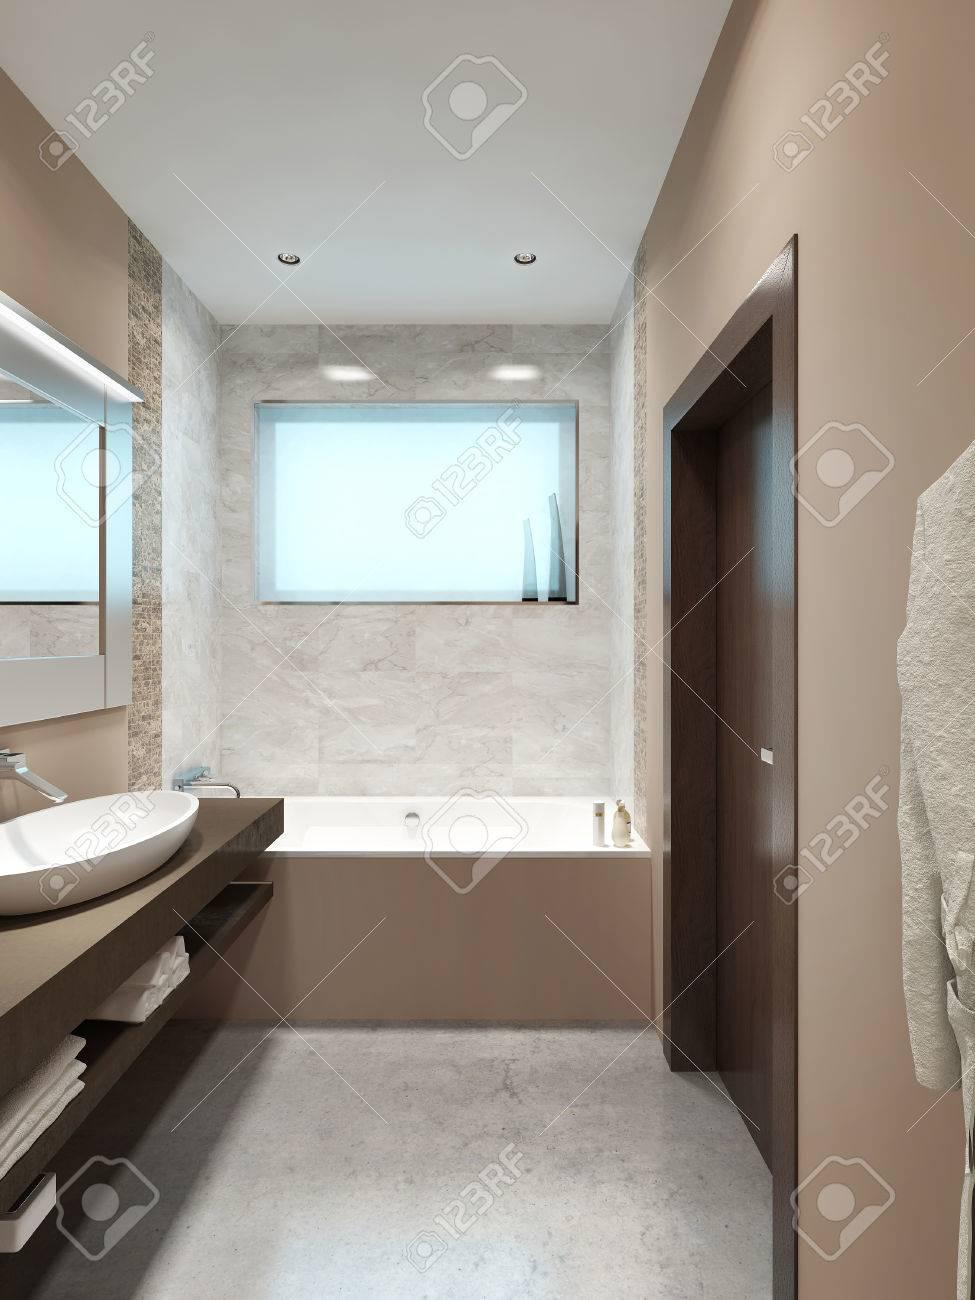 Salle De Bains Design Moderne Avec Une Petite Fenêtre Aux Couleurs ...